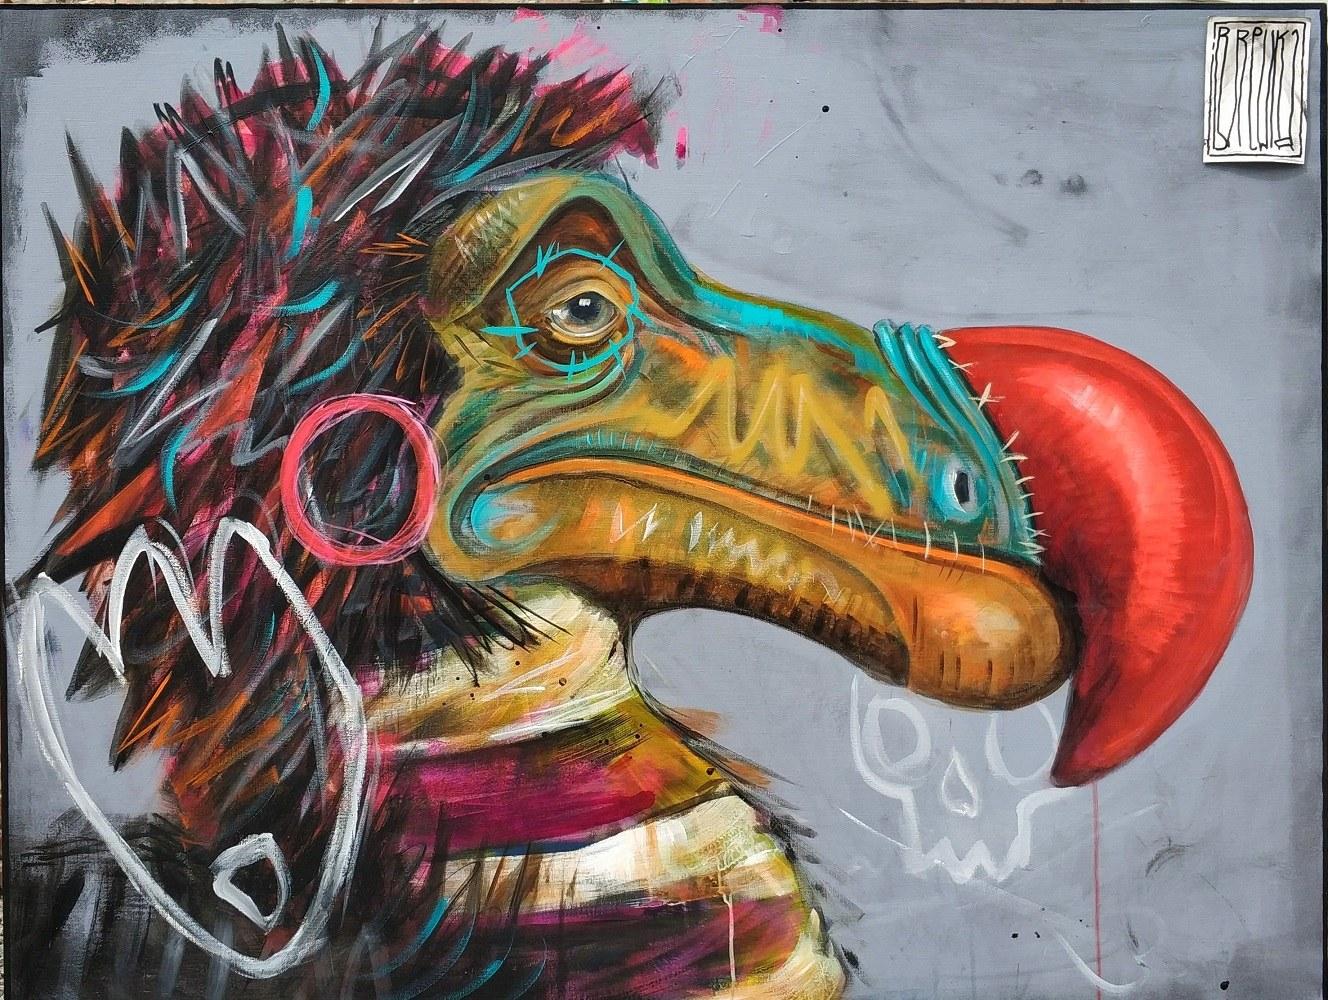 punks-not-dead-but-dodo-is-brewka-obrazy-portrety-zwierzat-obrazy